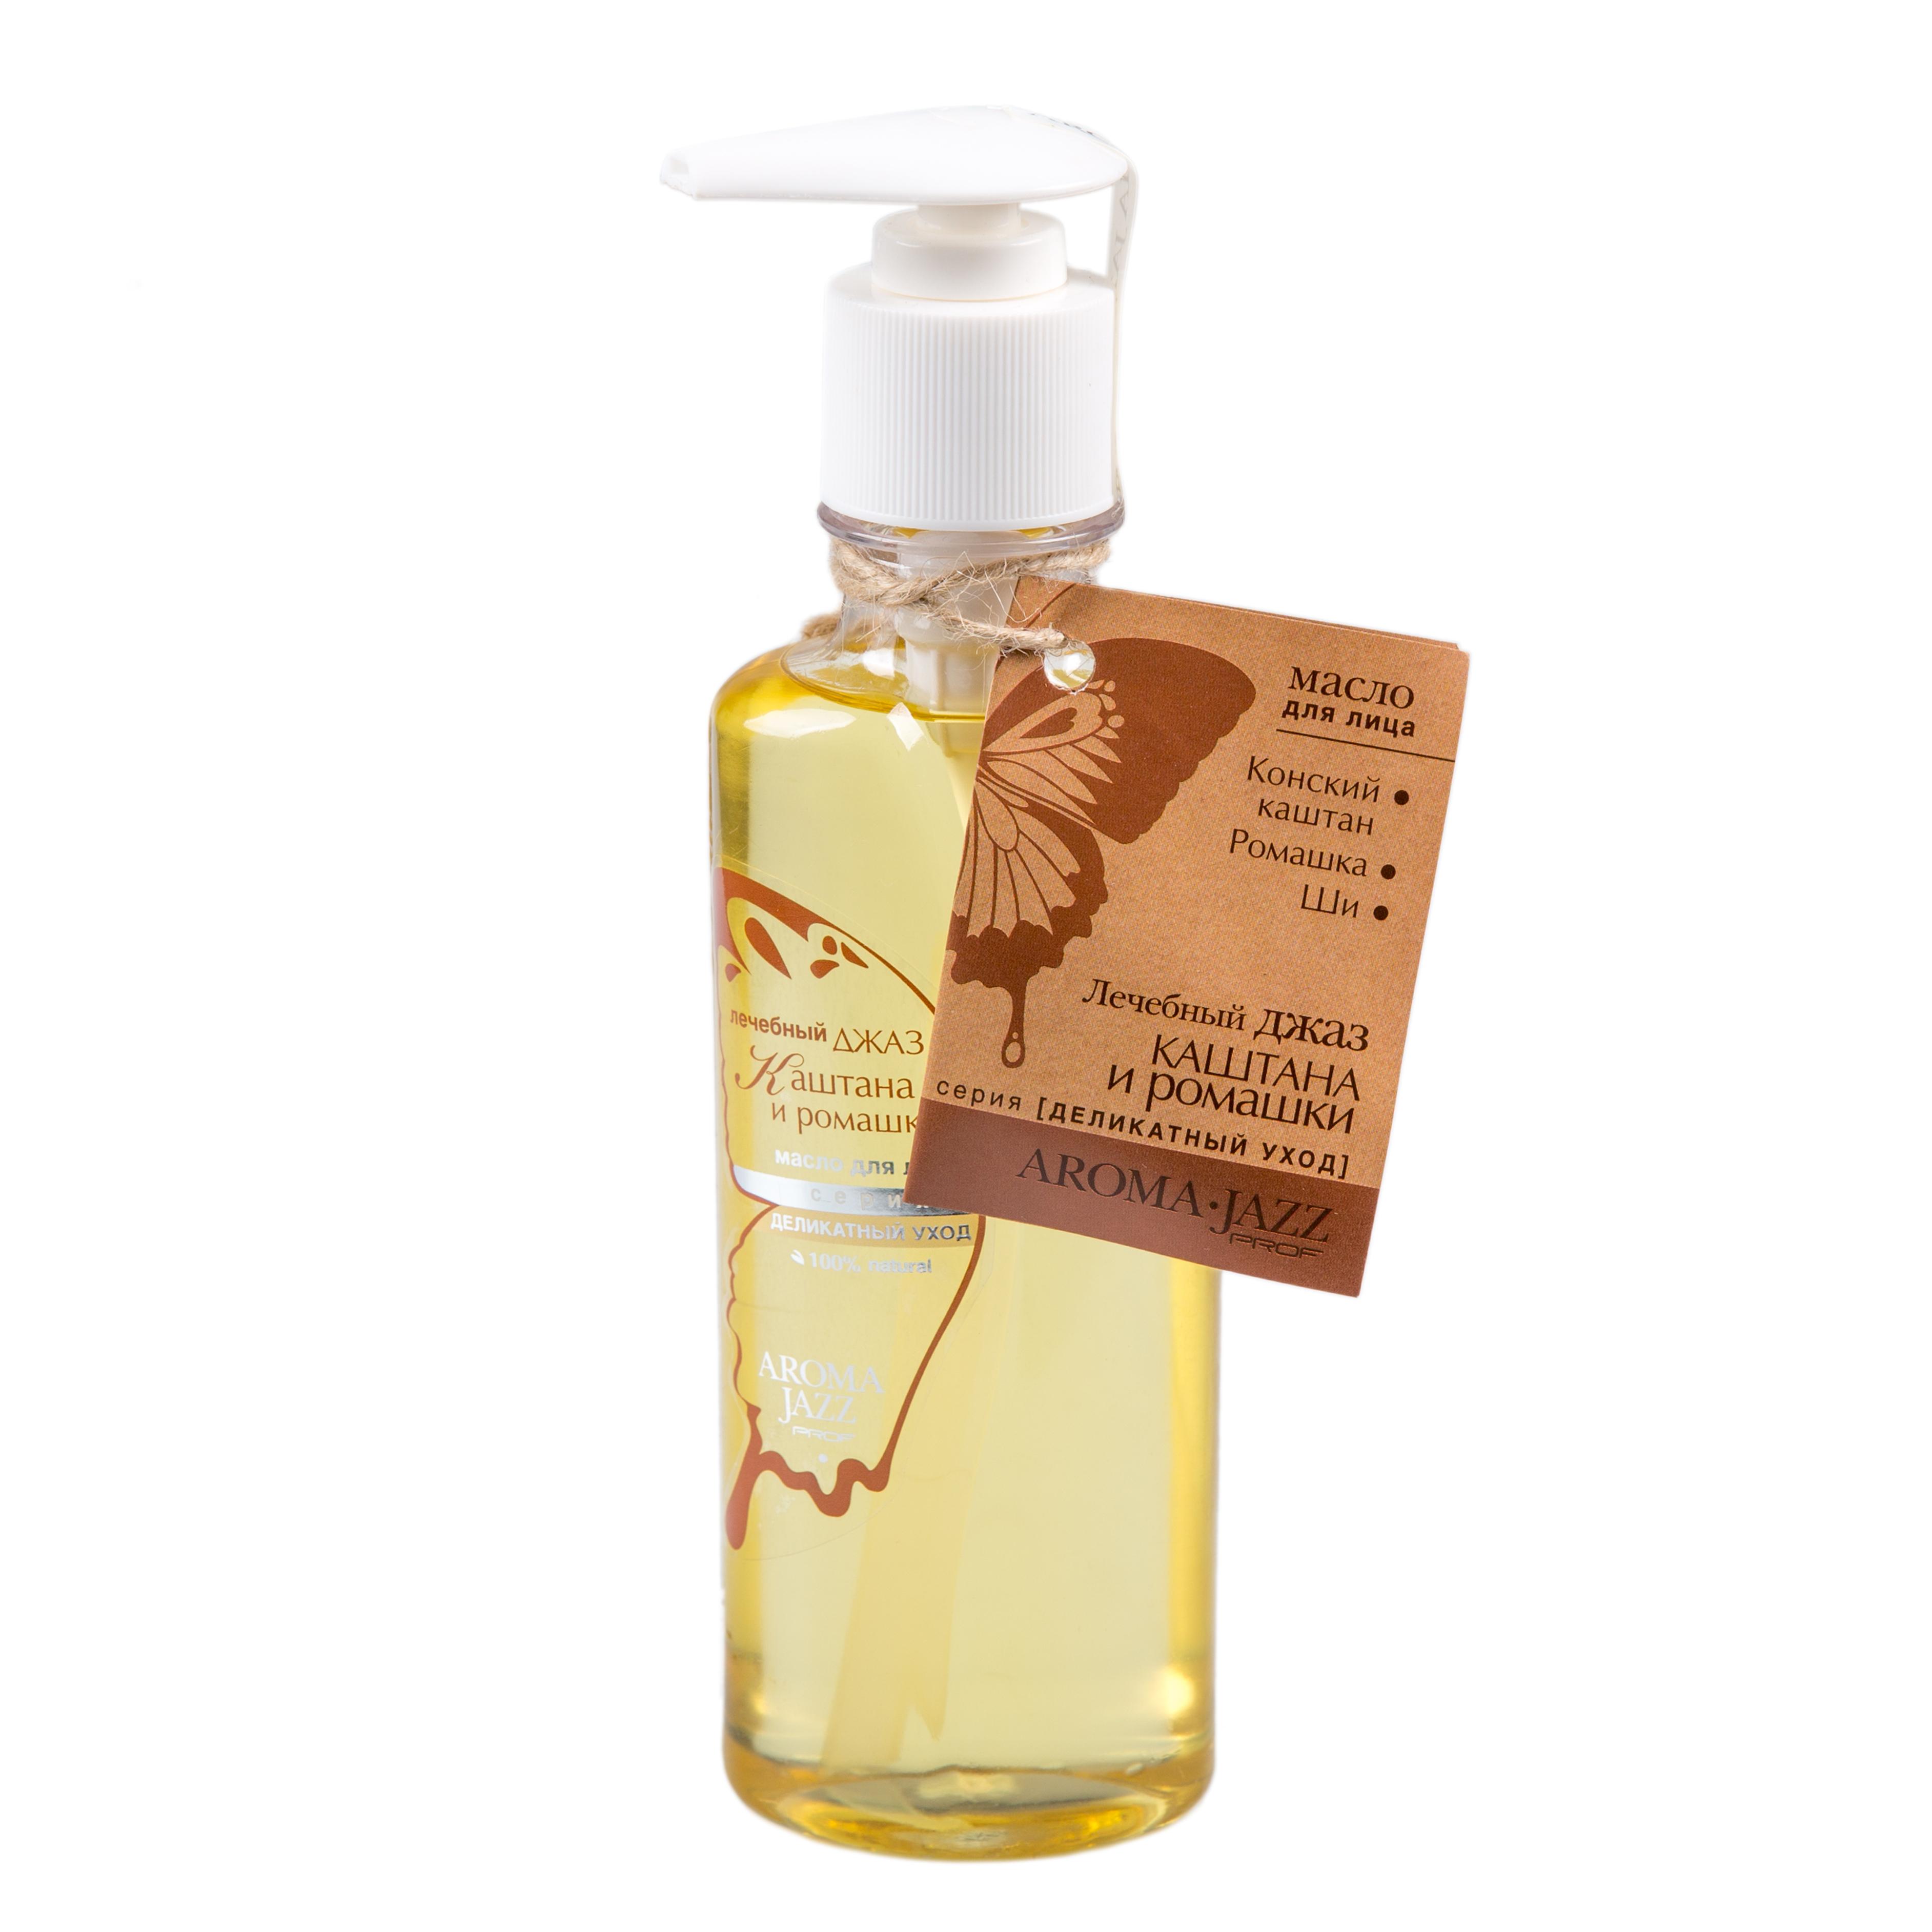 AROMA JAZZ Масло массажное жидкое для лица Лечебный джаз каштана и ромашки 200млМасла<br>Тонизирующий эффект, омолаживание, увлажнение. Предотвращает развитие воспалений, укрепляет стенки кровеносных сосудов, поддерживает водный баланс кожи, устраняет ощущение стянутости. Масло обеспечивает безопасный уход за кожей с трескающимися капиллярами и склонностью к сосудистым звездочкам. Экстракт каштана восстанавливает липидный барьер, повышает упругость и эластичность кожи, смягчает раздражение. Лечебный джаз каштана и ромашки оказывает противовоспалительное и тонизирующее действие, улучшает микроциркуляцию, уменьшает прилив крови к поверхностным слоям кожи. Активные ингредиенты: масла оливы, жожоба, пальмы, кокоса, растительное с витамином Е, ментоловое масло, масло дерева Ши; экстракты проросшей пшеницы, крапивы, ромашки, конского каштана; эфирные масла мелиссы, ромашки, мяты. Способ применения: рекомендовано для массажа лица при куперозе, втирания после душа и SPA-процедур в салоне и дома. Рекомендации по использованию: для большего эффекта рекомендуется параллельное использование пластифицирующих масок  Земляничный джаз  или  Ромашковый блюз .<br><br>Объем: 200 мл<br>Класс косметики: Лечебная<br>Назначение: Купероз